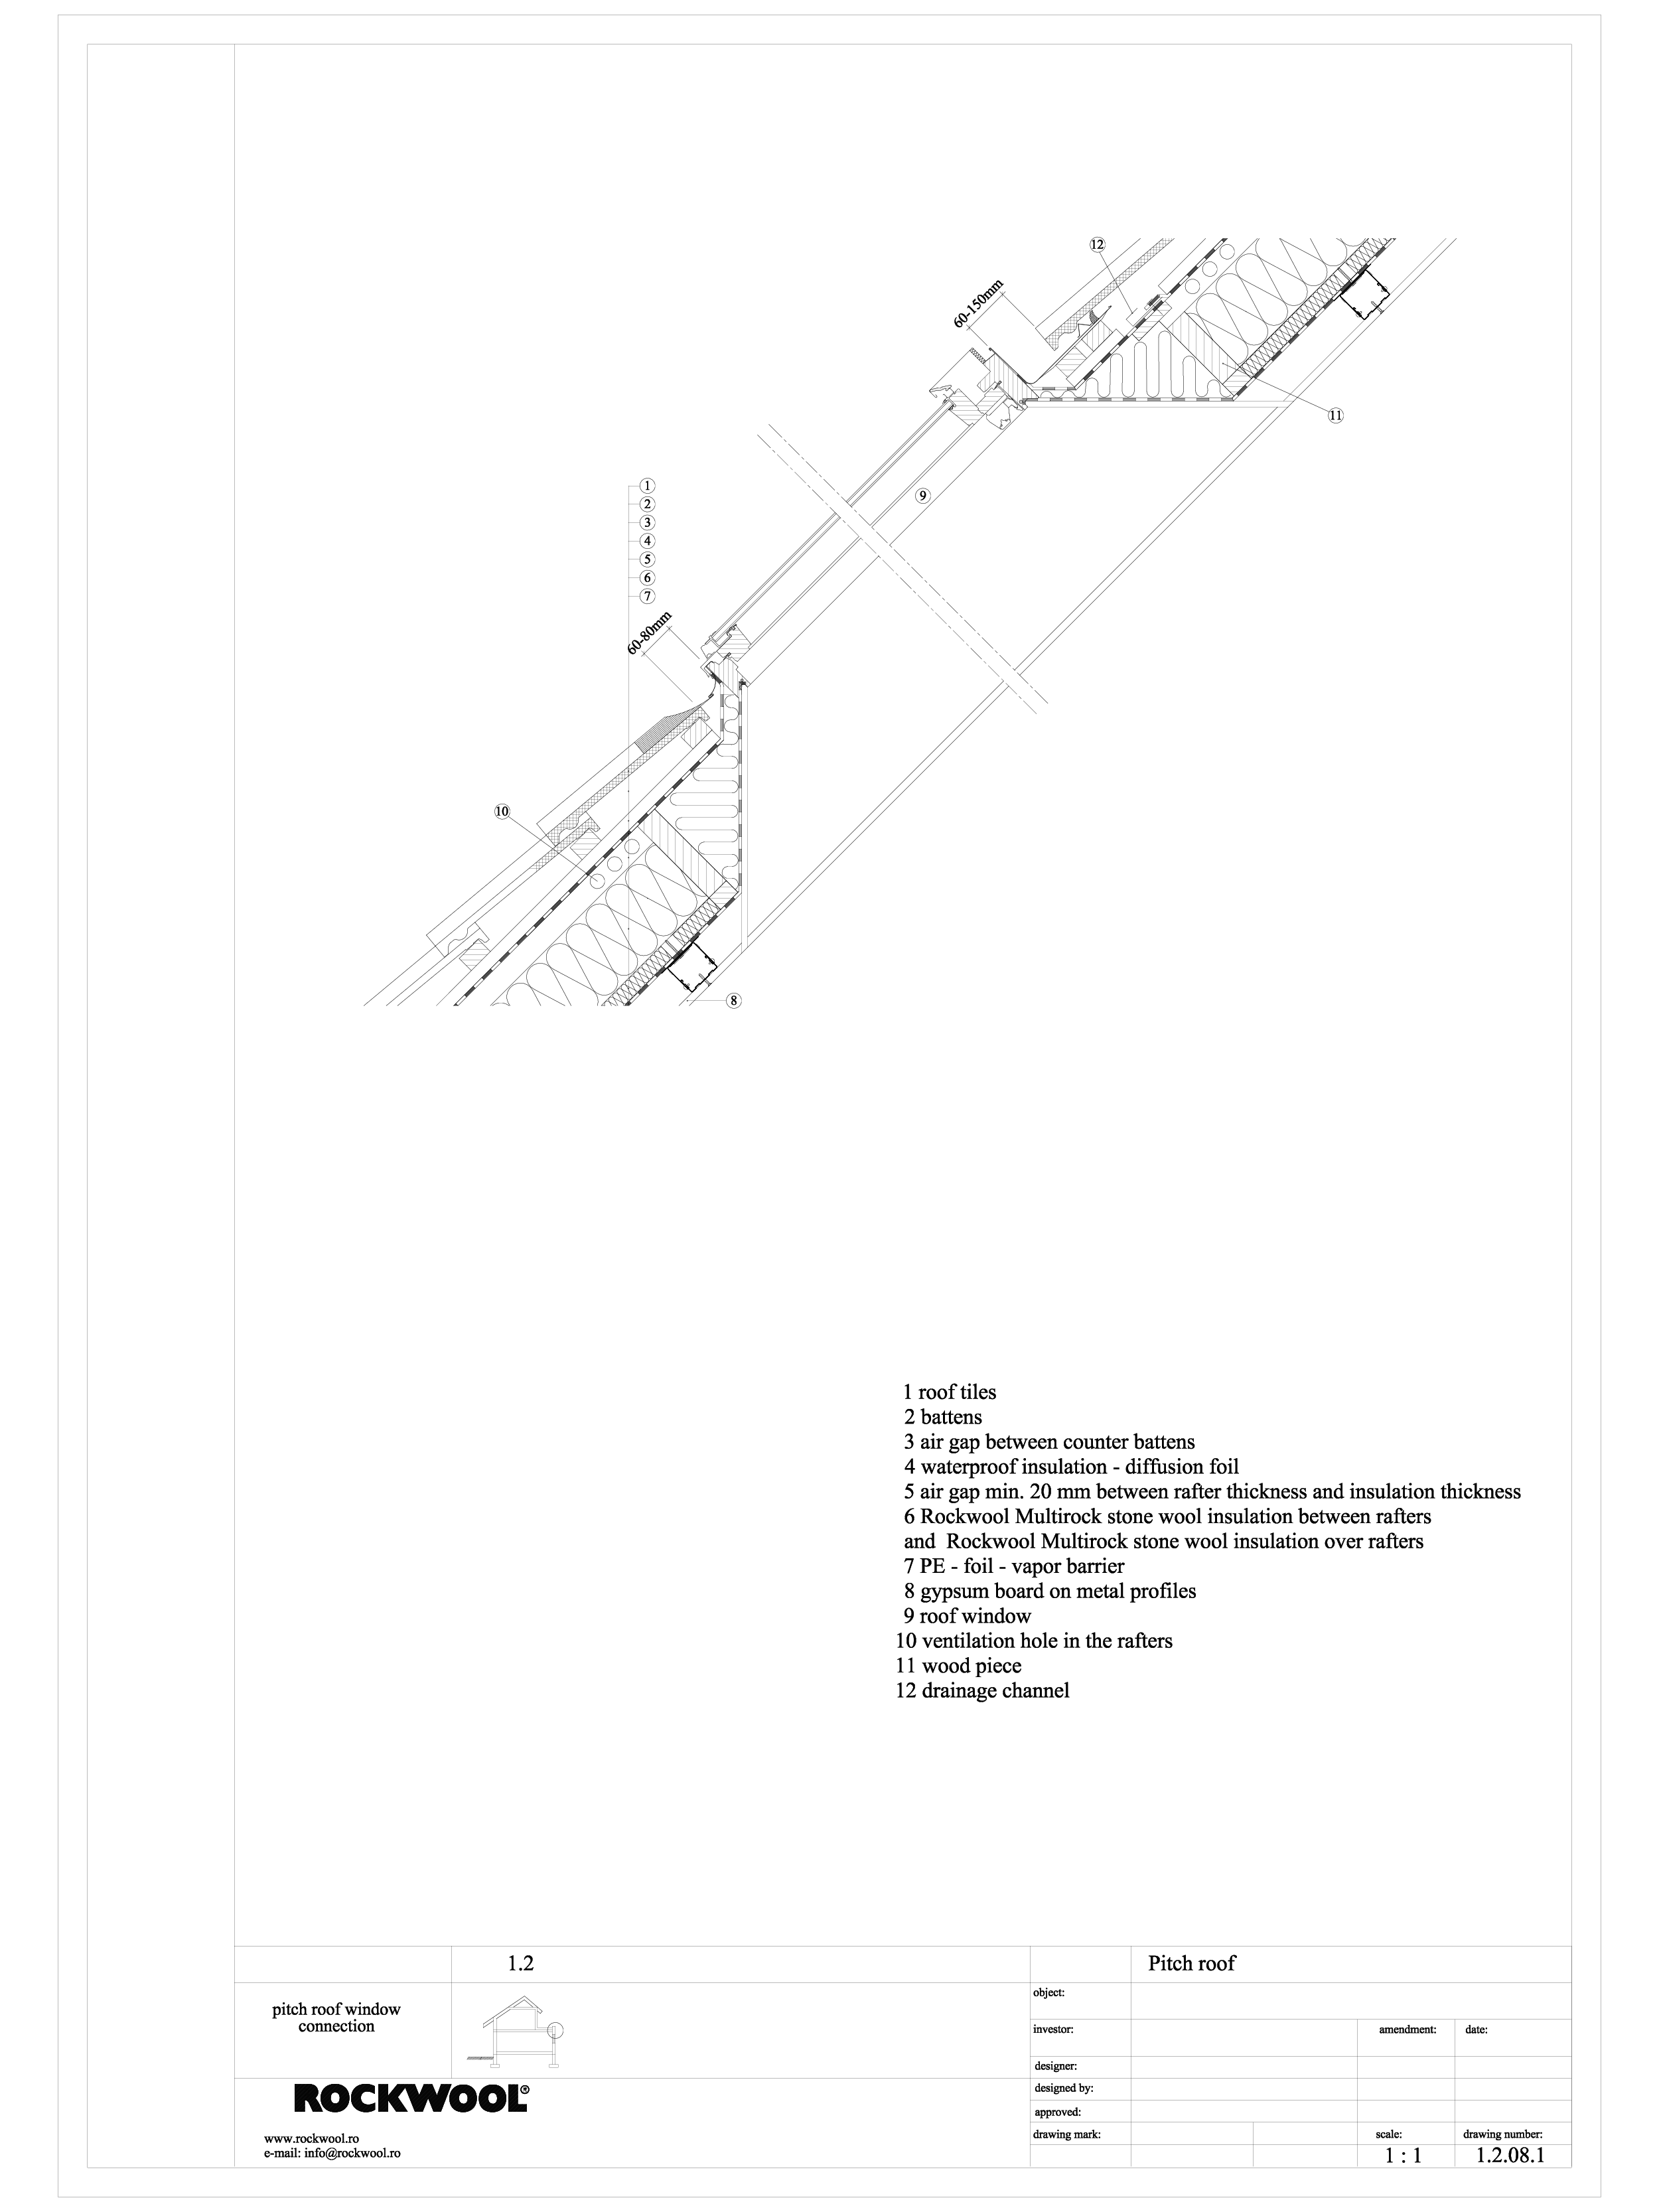 Termoizolarea acoperisului mansardat - detaliu racord cu ferestre de mansarda ROCKWOOL Termoizolatie vata bazaltica pentru acoperisuri ROCKWOOL ROMANIA  - Pagina 1